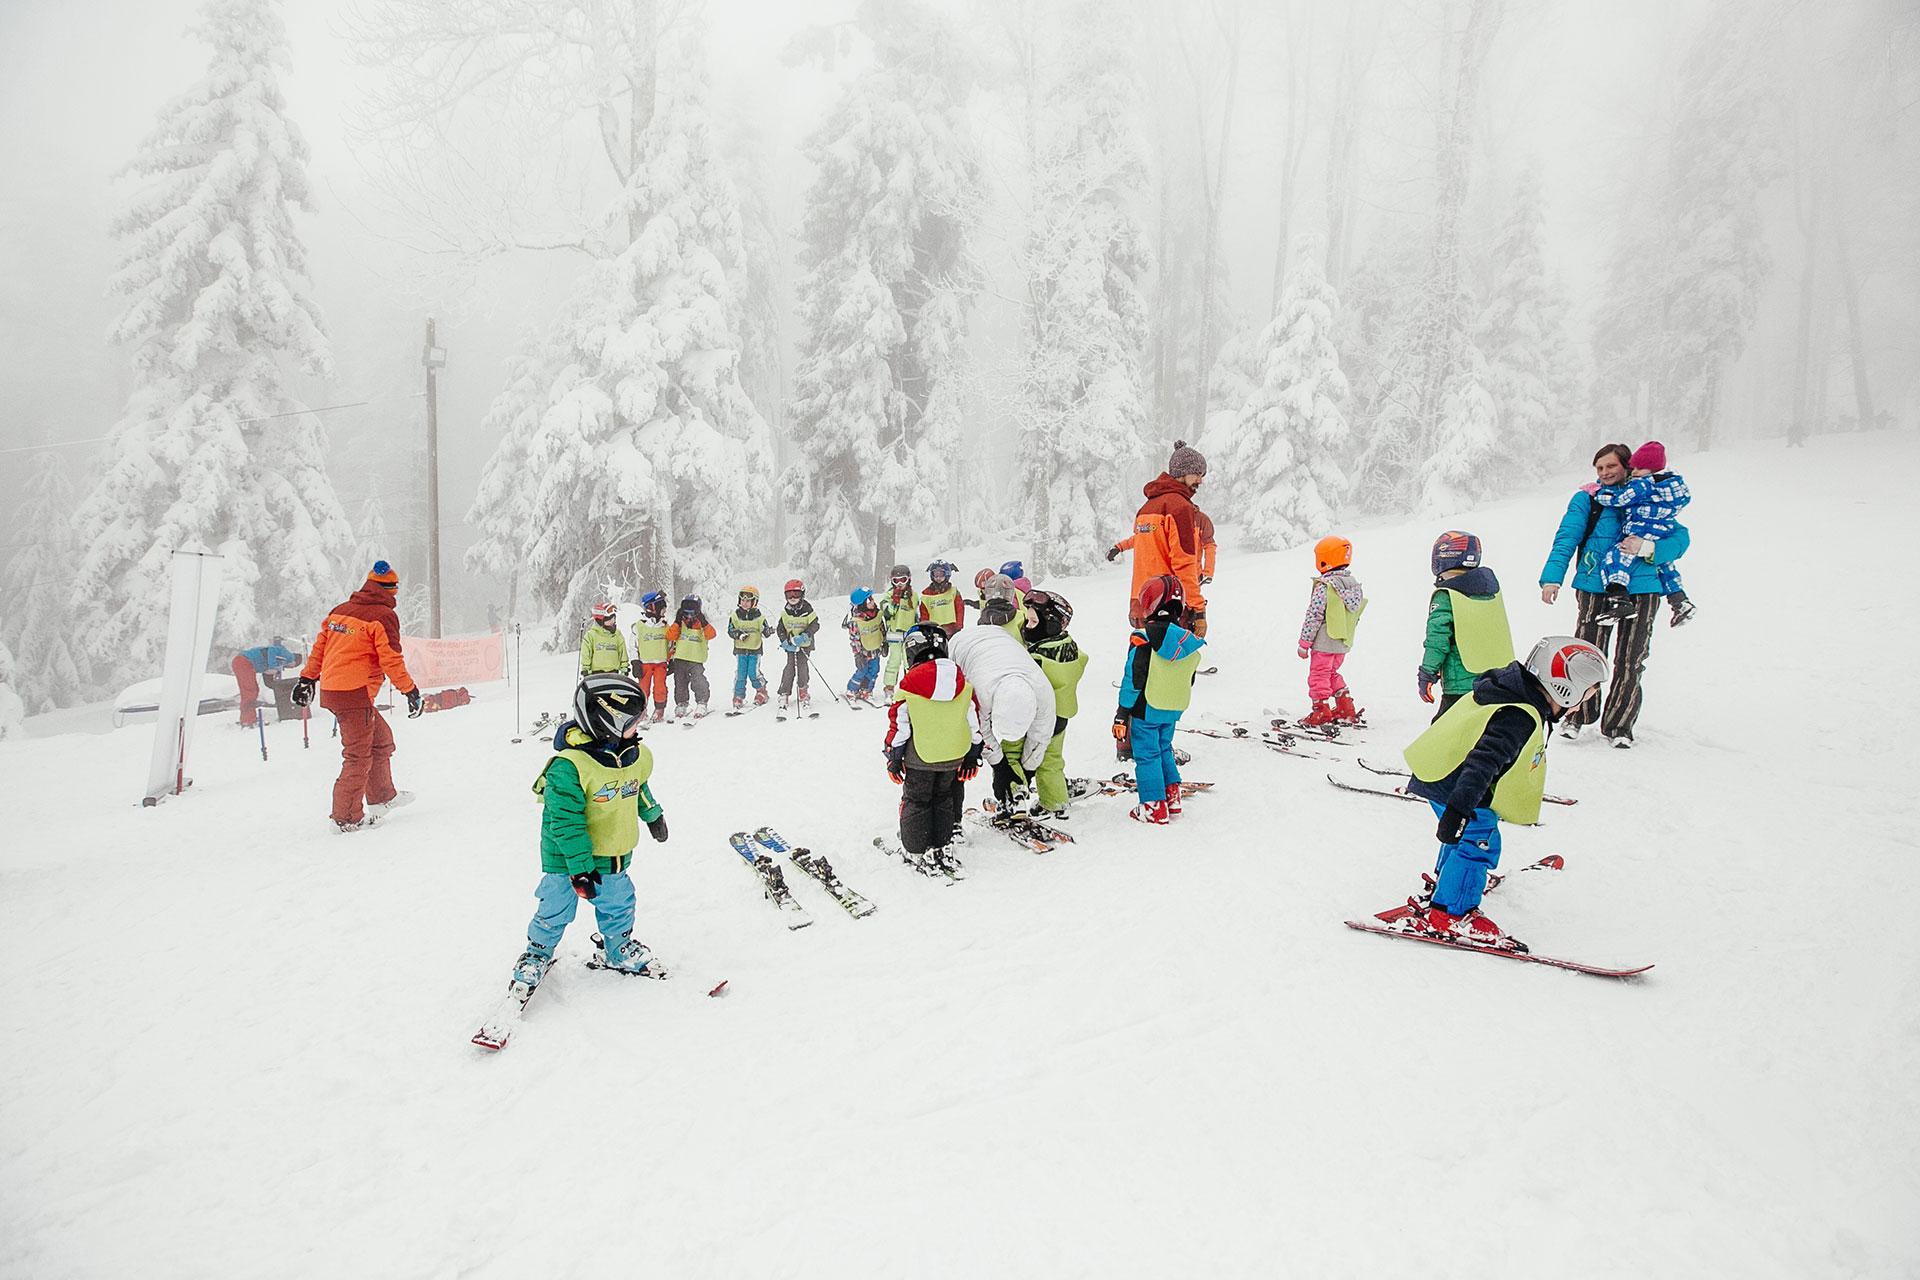 ski2go